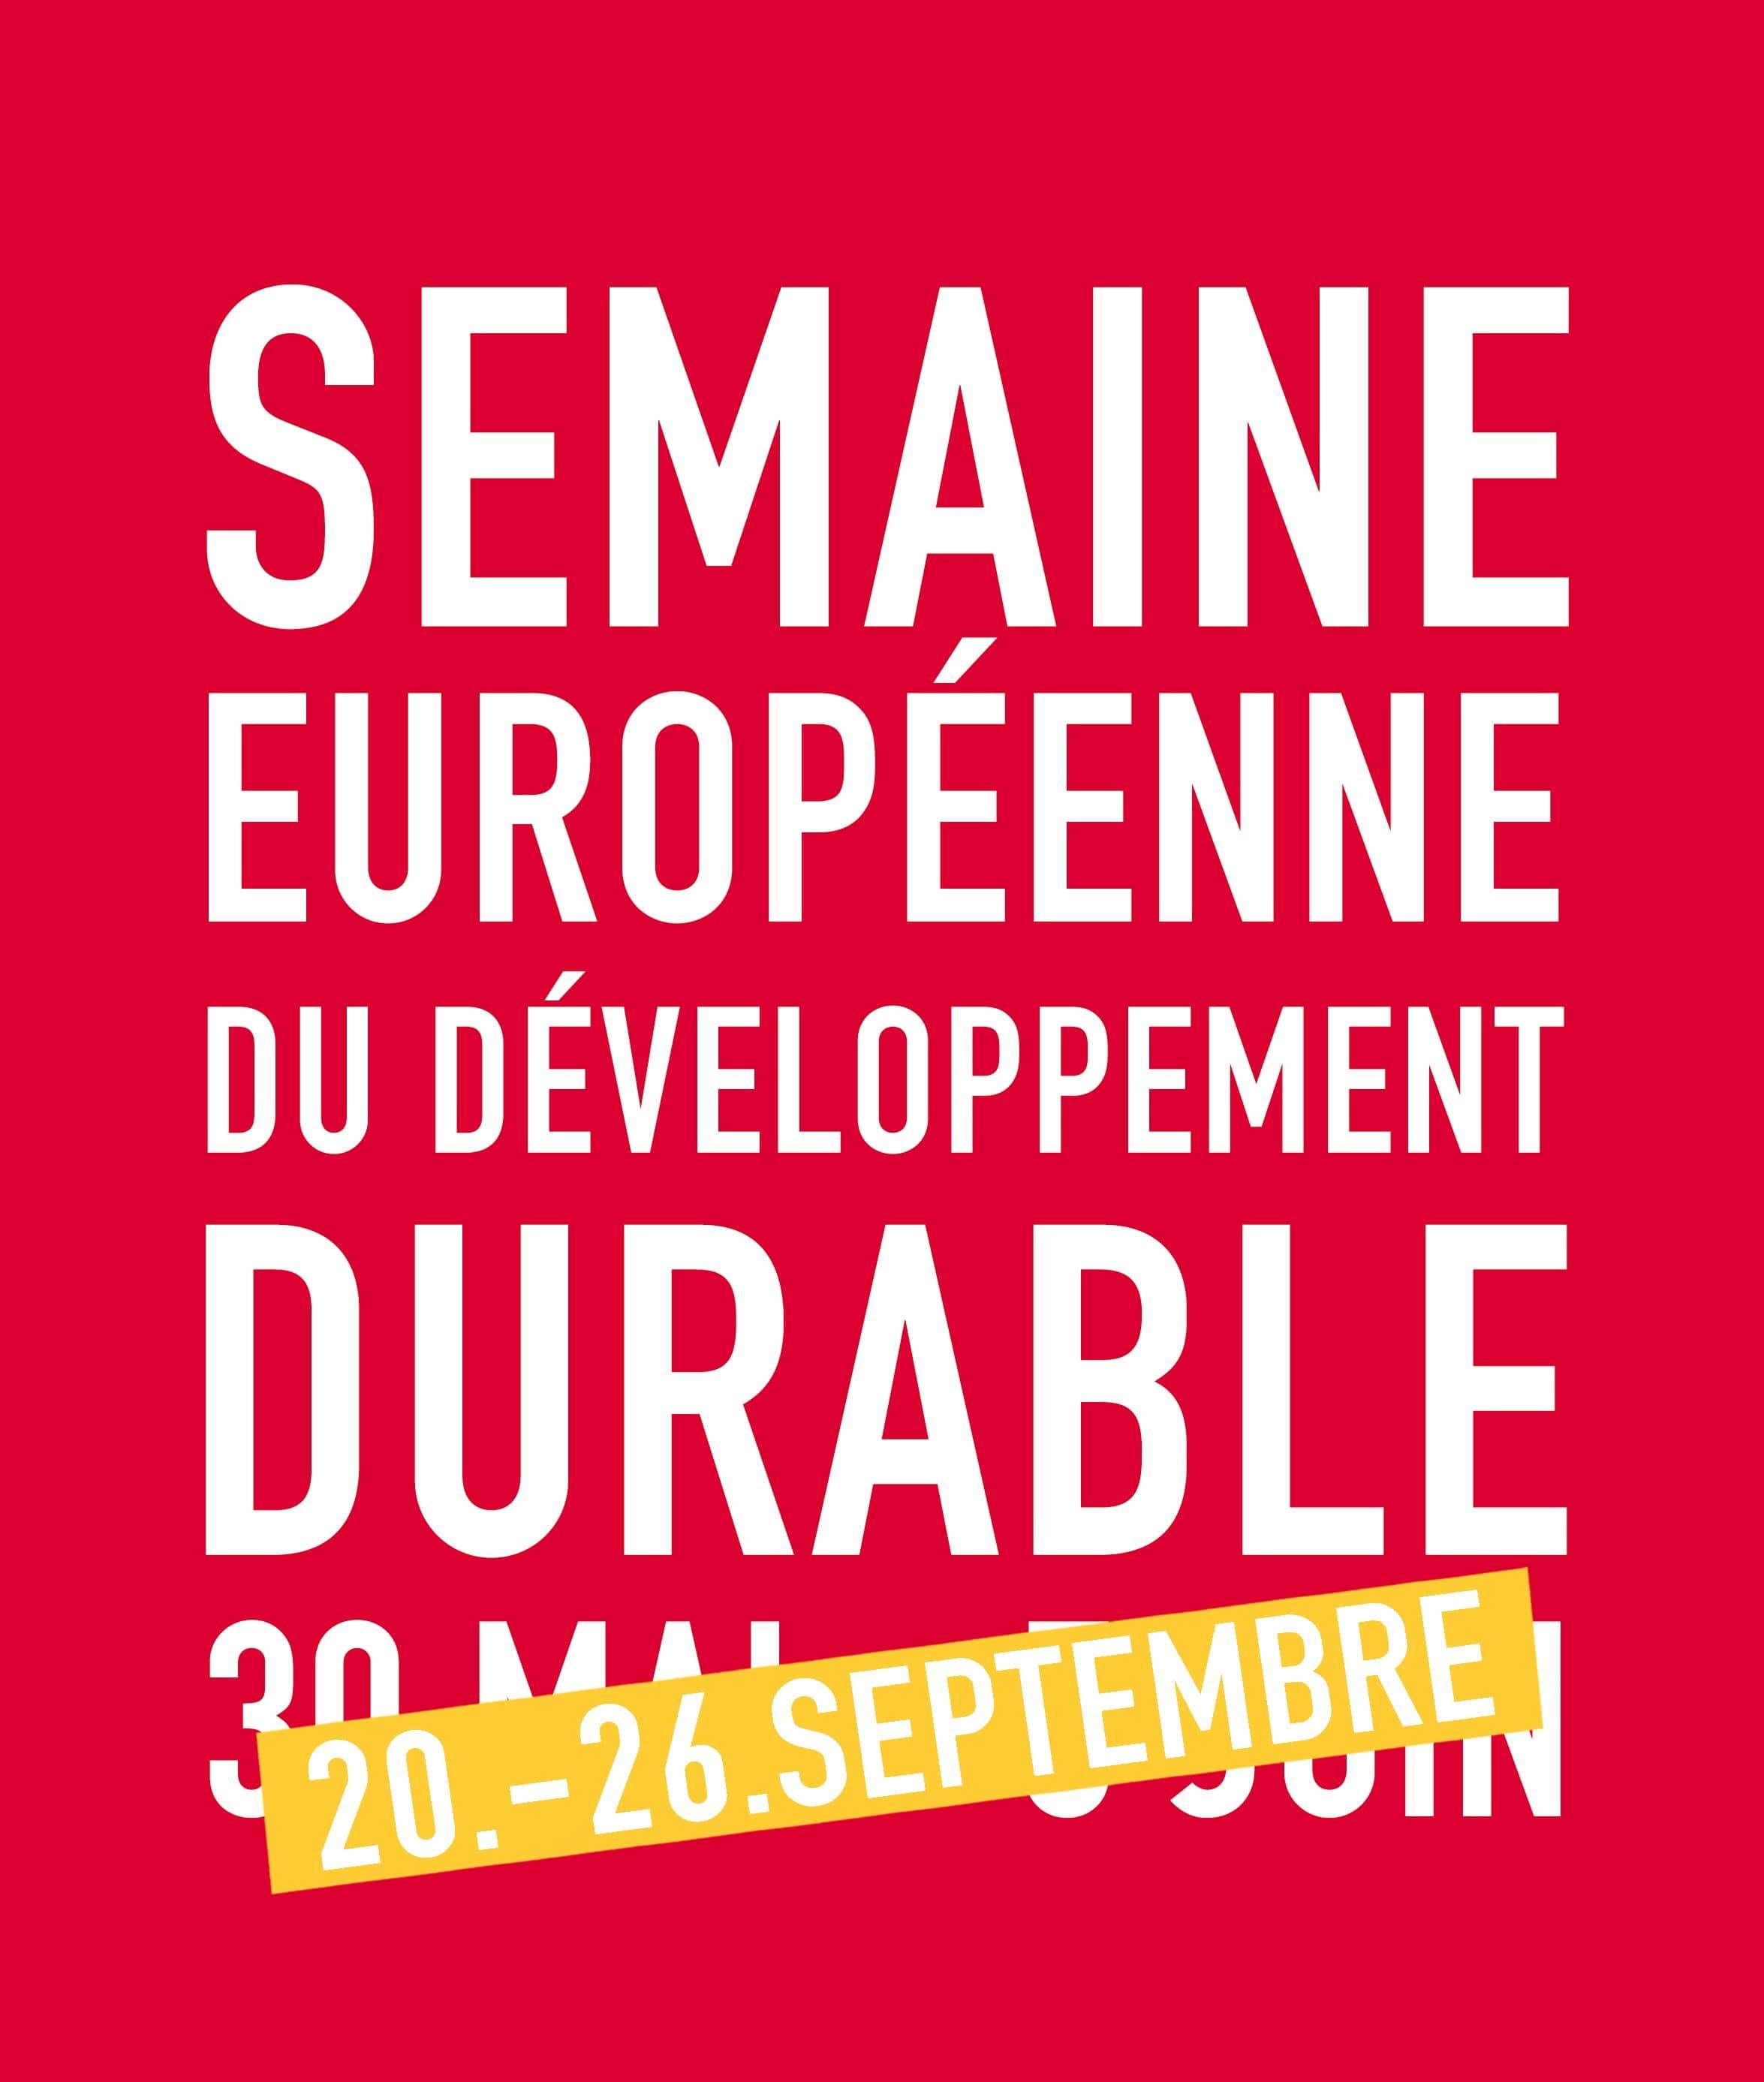 En route pour la Semaine Européenne du Développement Durable !